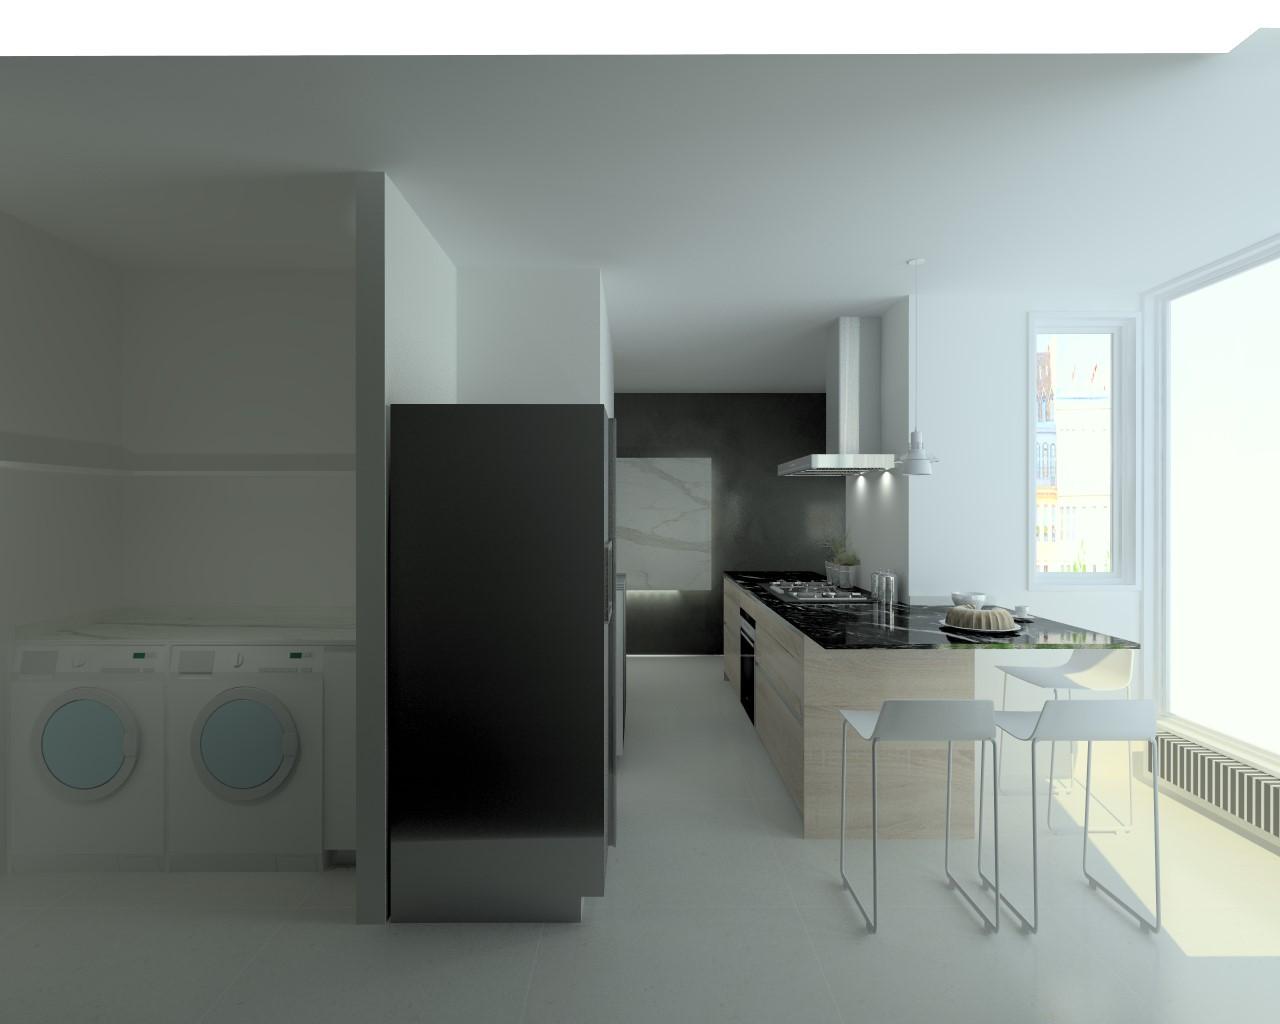 Encimera marmol cocina cocina santos modelo line laminado - Marmol cocina precio ...